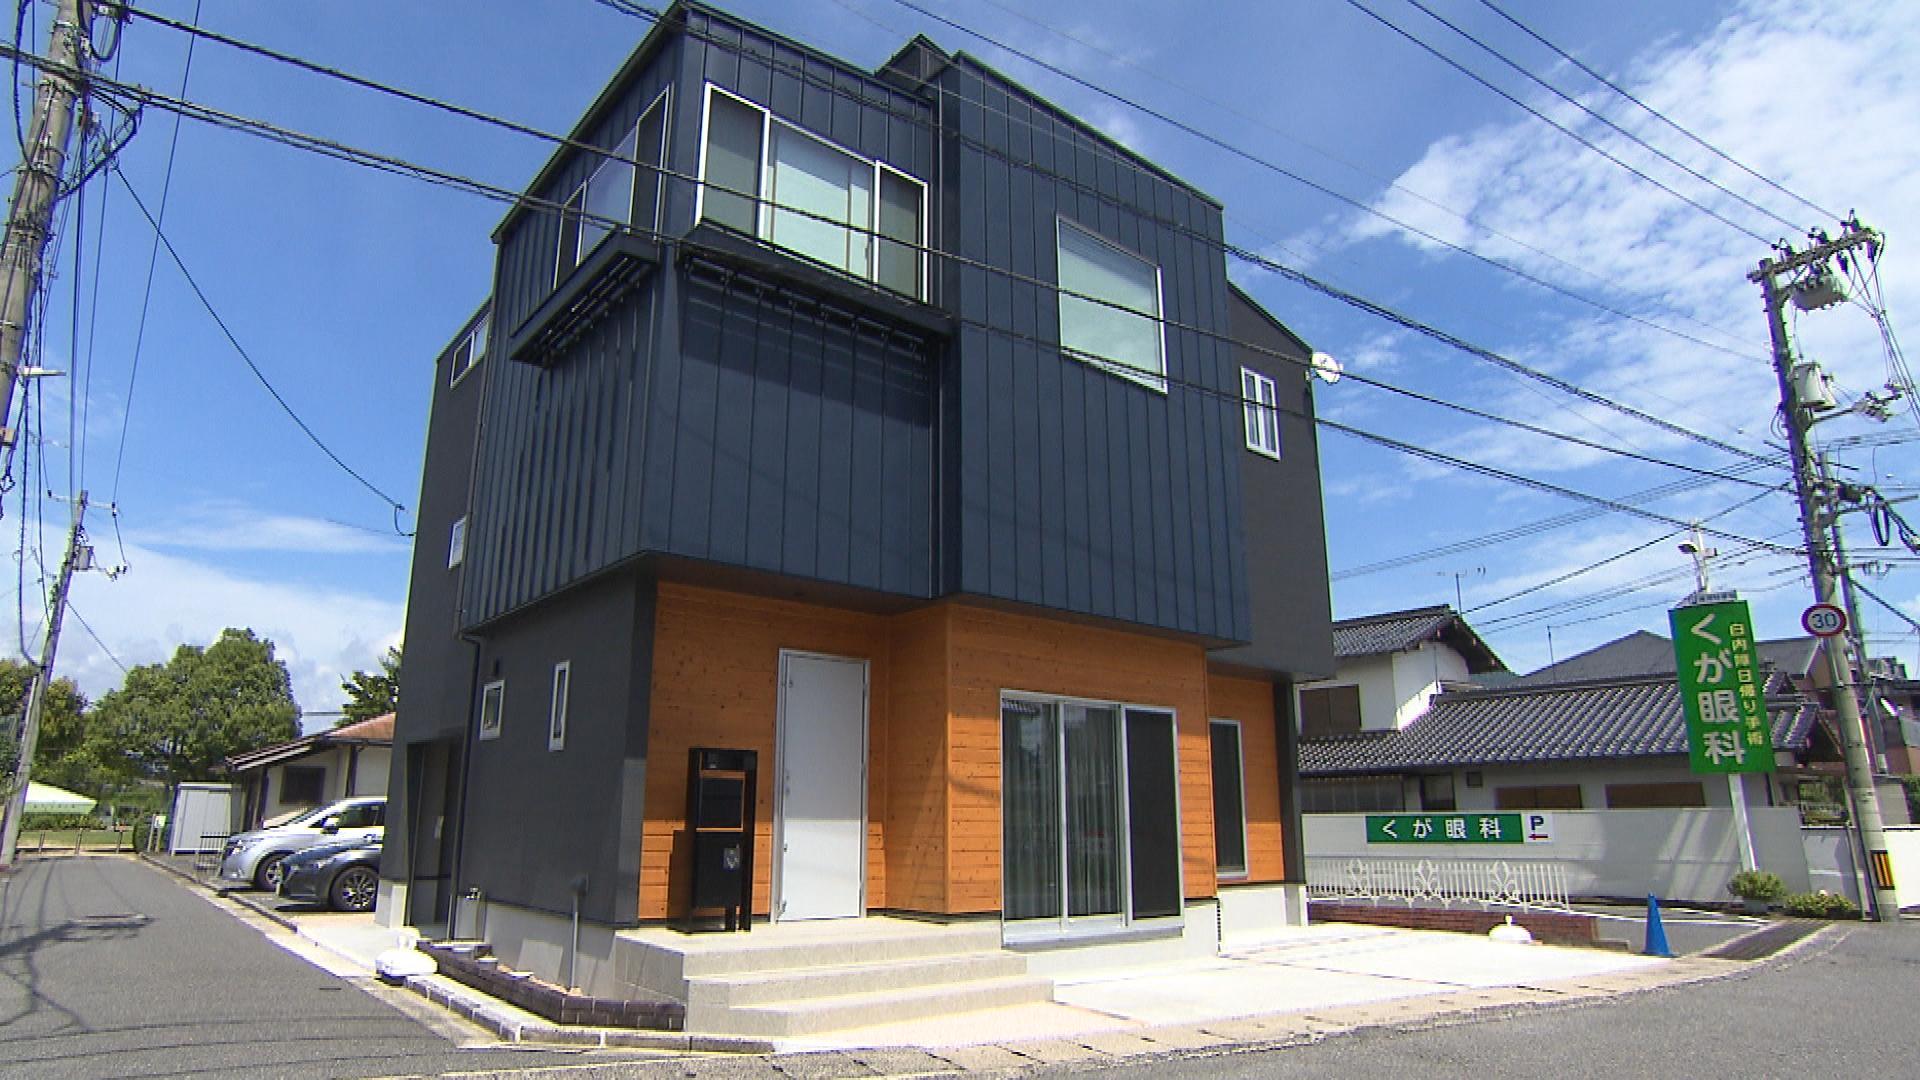 「木暮らし工房」が施工した出来立てほやほやの新築物件